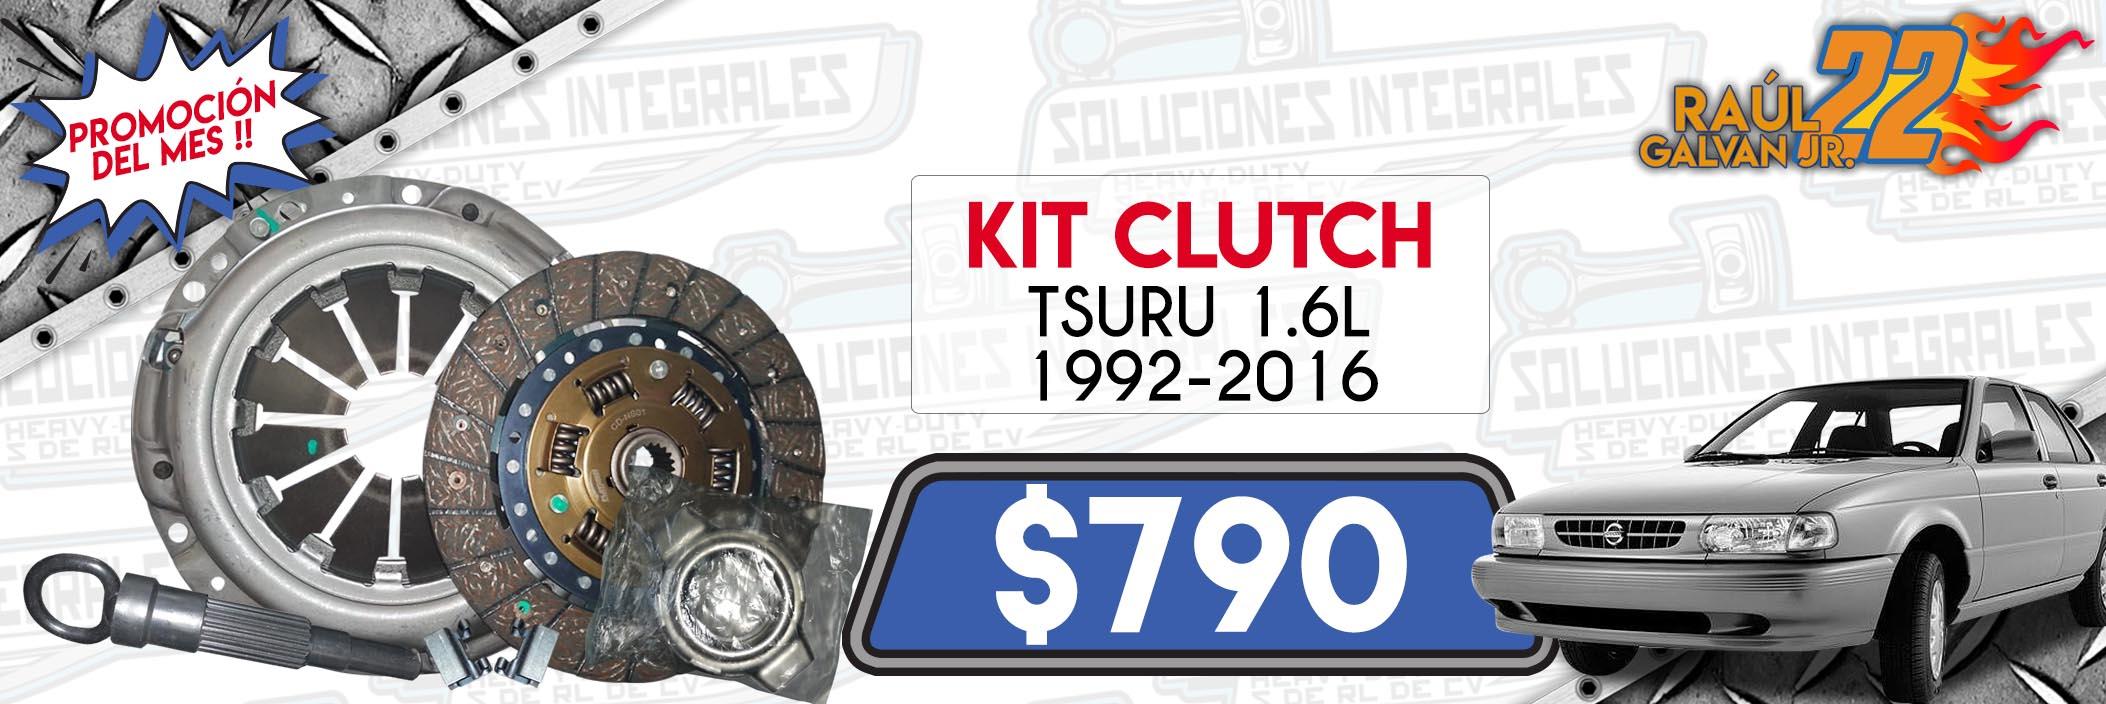 kit clutch tsuru 1.6l 1992-2016